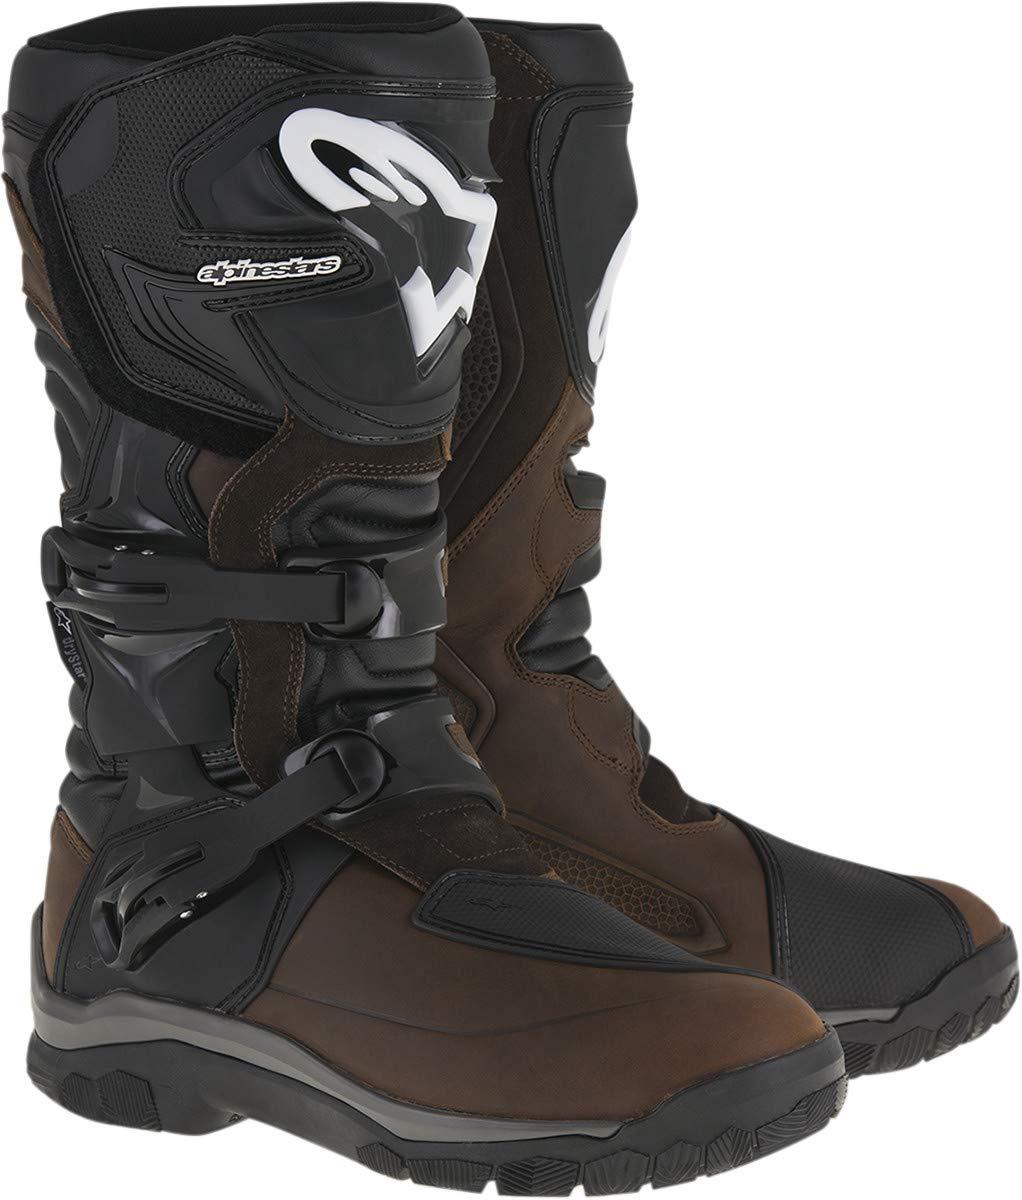 Alpinestars Corozal Adventure Drystar Mens Brown Motorcycle Boots Brown 10 2047717-82-10-WPS